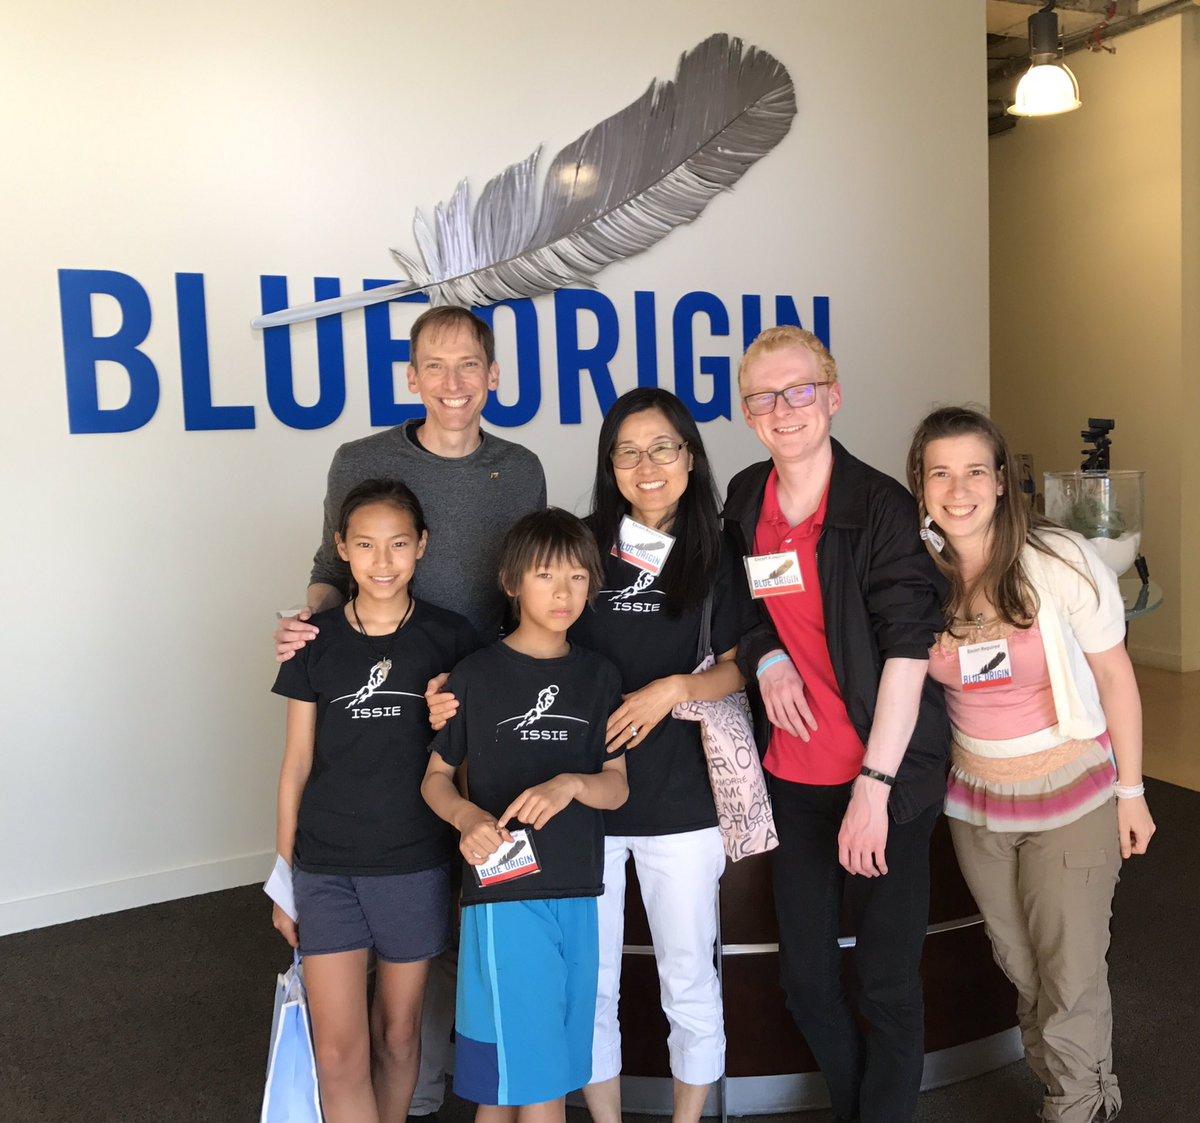 The bi-coastal team behind ISSIE met up to visit Blue Origin in August 2017.